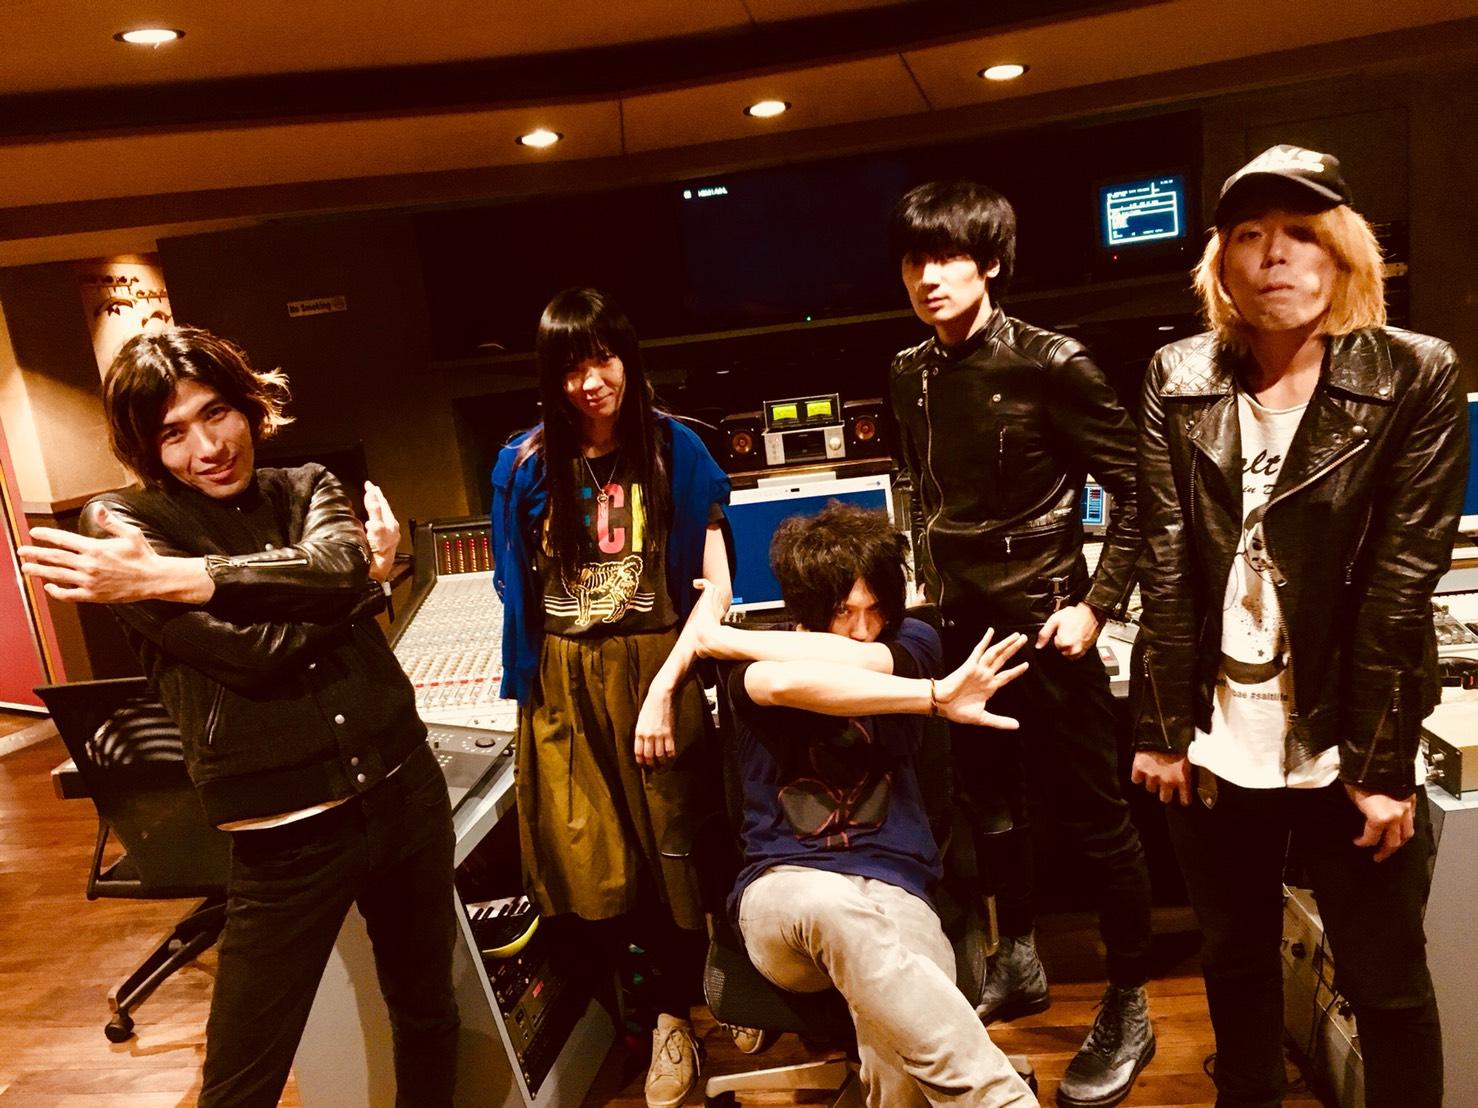 a flood of circle、2月21日(水)にニューアルバムのリリース決定! UNISON SQUARE GARDENの田淵智也によるプロデュース楽曲が本日24時から先行配信開始!